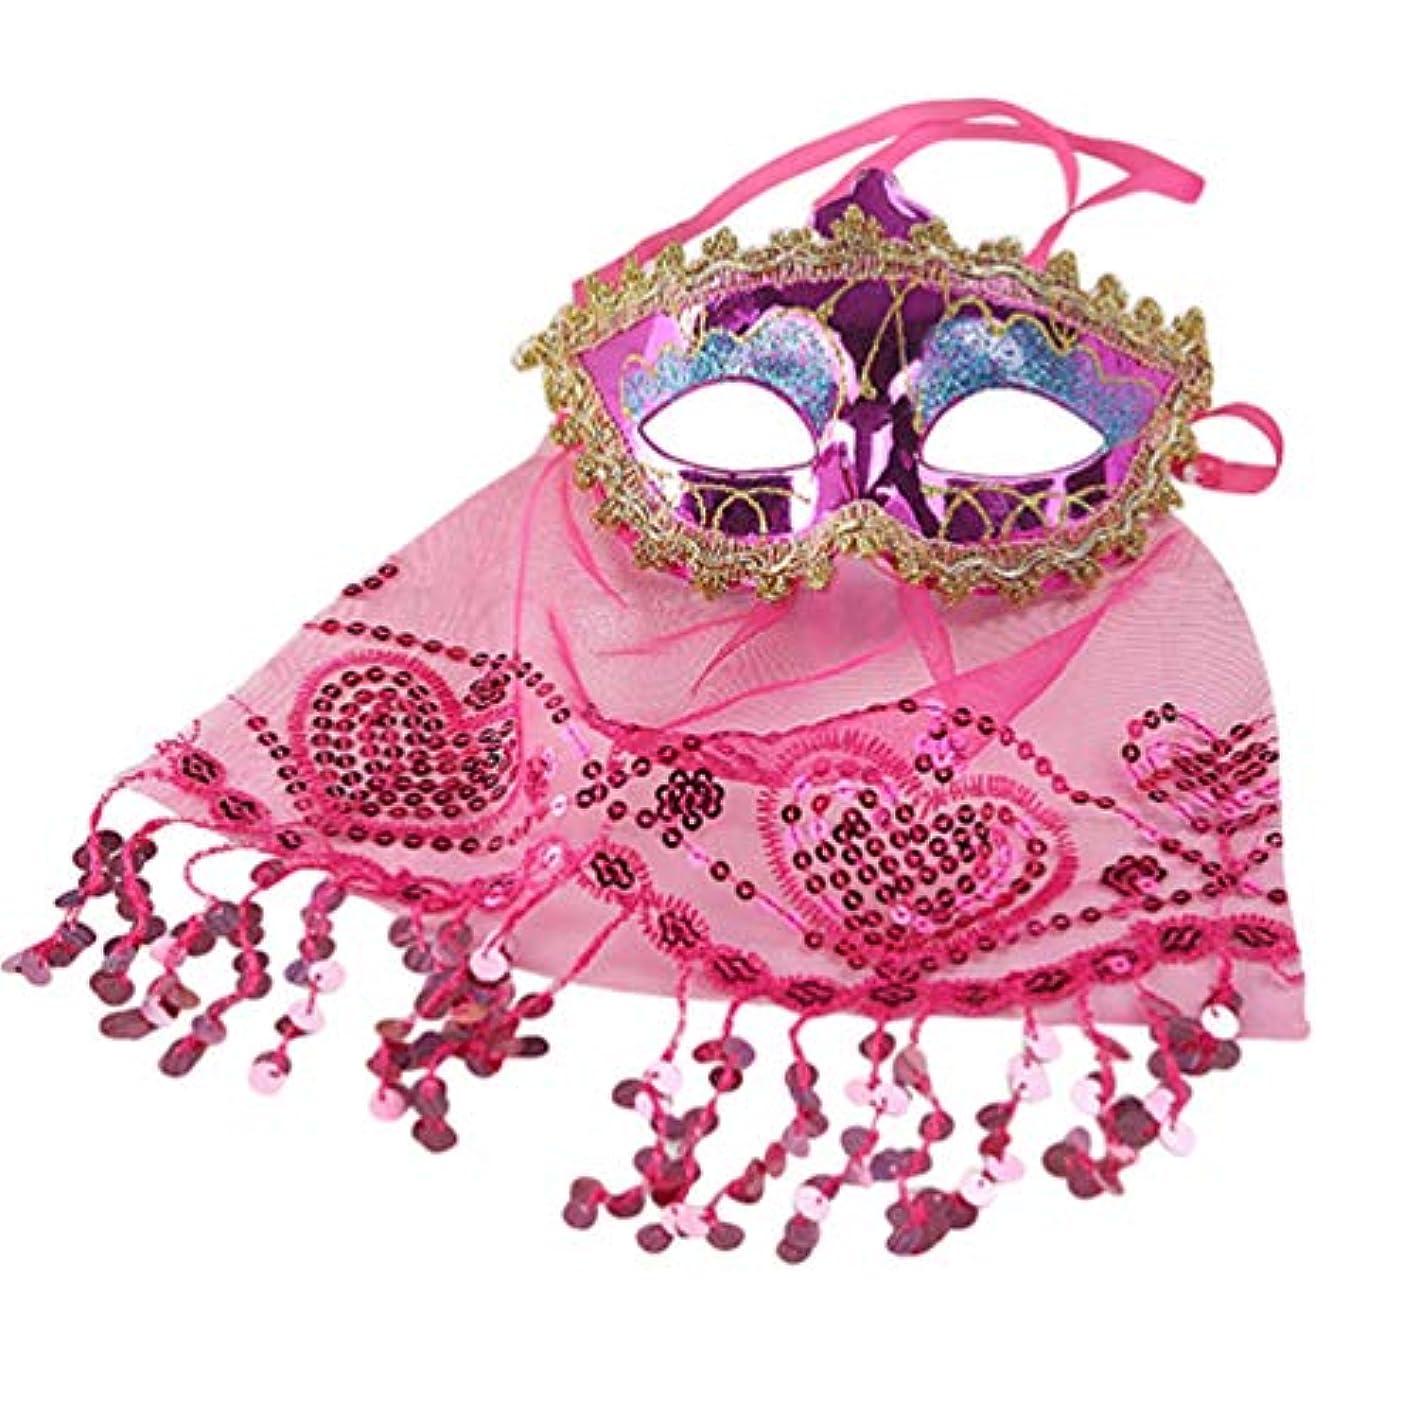 インスタンスおじいちゃん生むTOYANDONA ベールマスク ベリーダンスベール 踊り パーティー 魅力的 仮面舞踏会マスク ハロウィンコスチューム